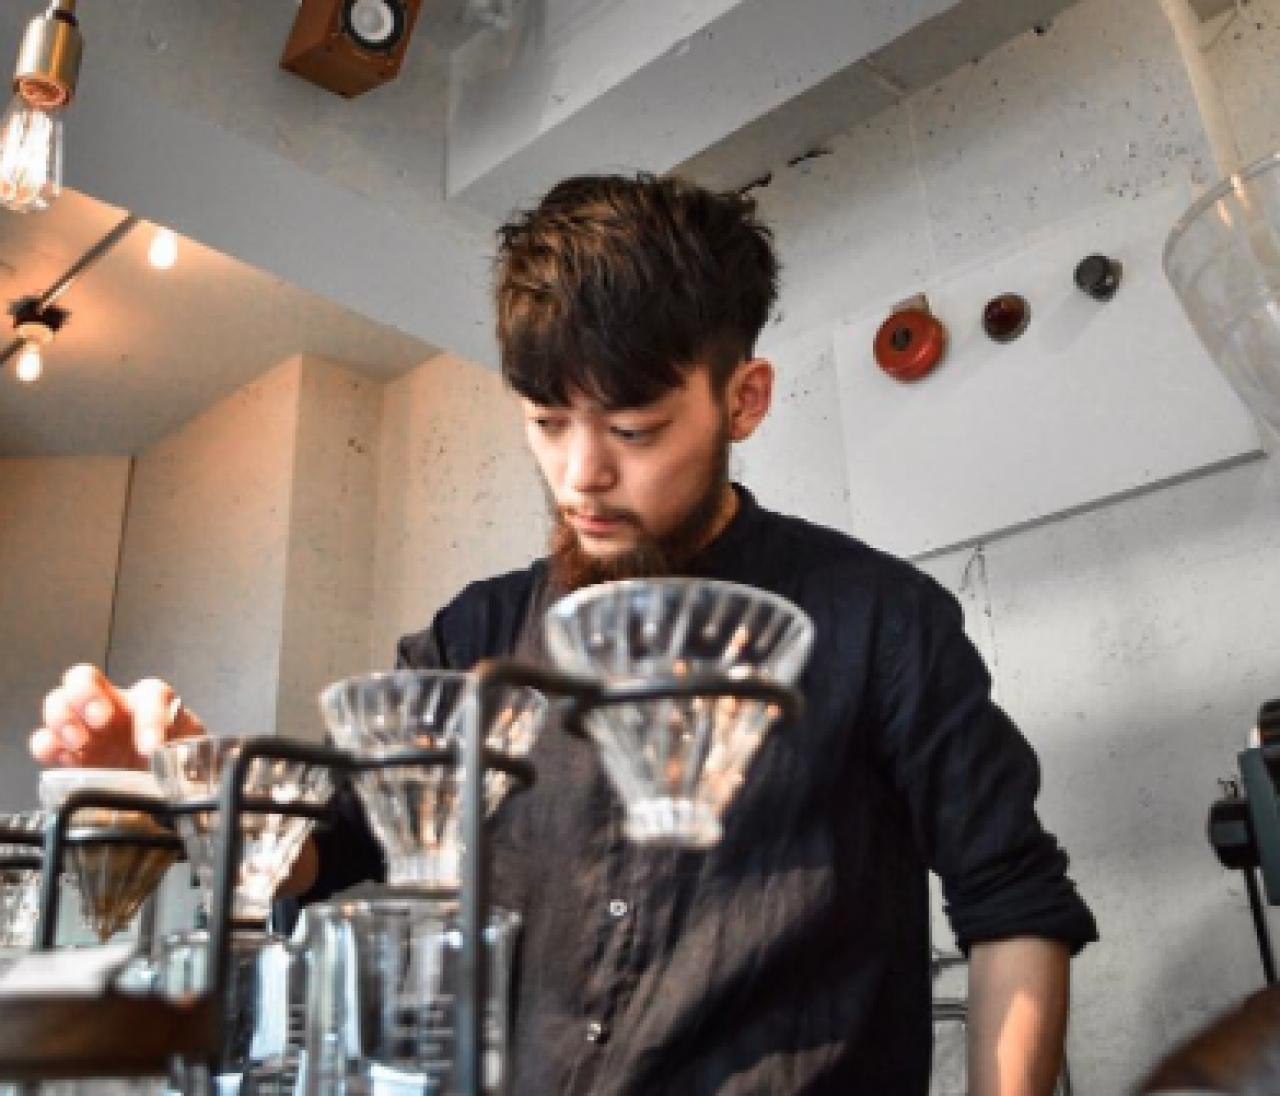 【働く女の癒し♥︎】美味しいコーヒー&イケメンそして素敵空間